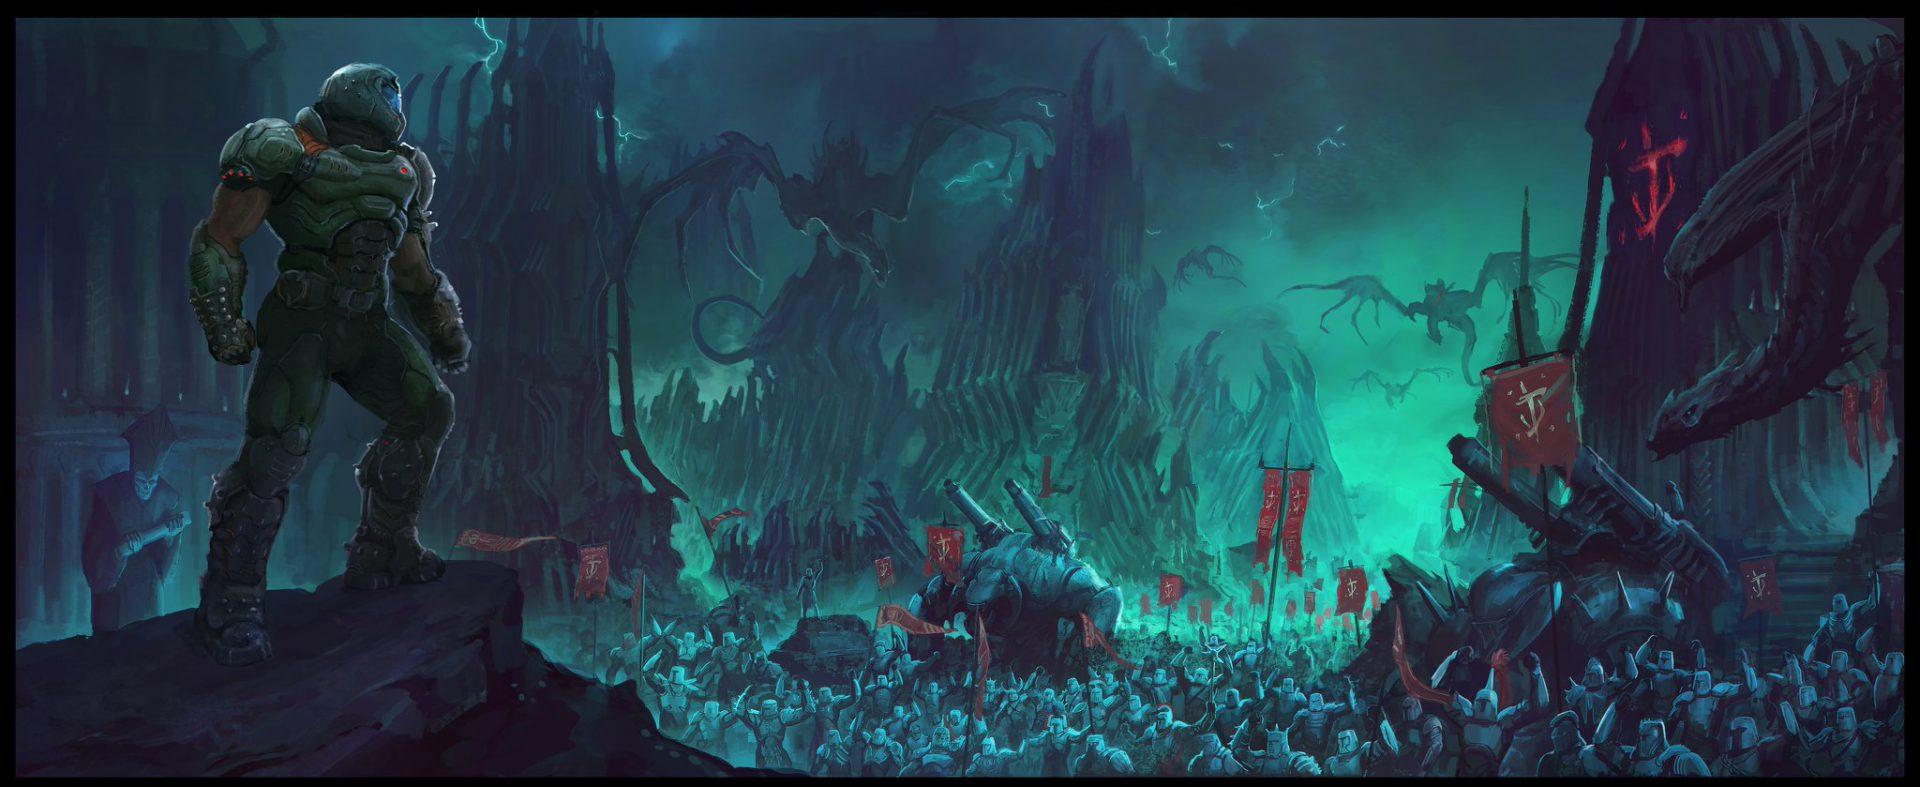 El ejército de los Centinelas de la noche aparecen en un nuevo arte con el DOOM Slayer